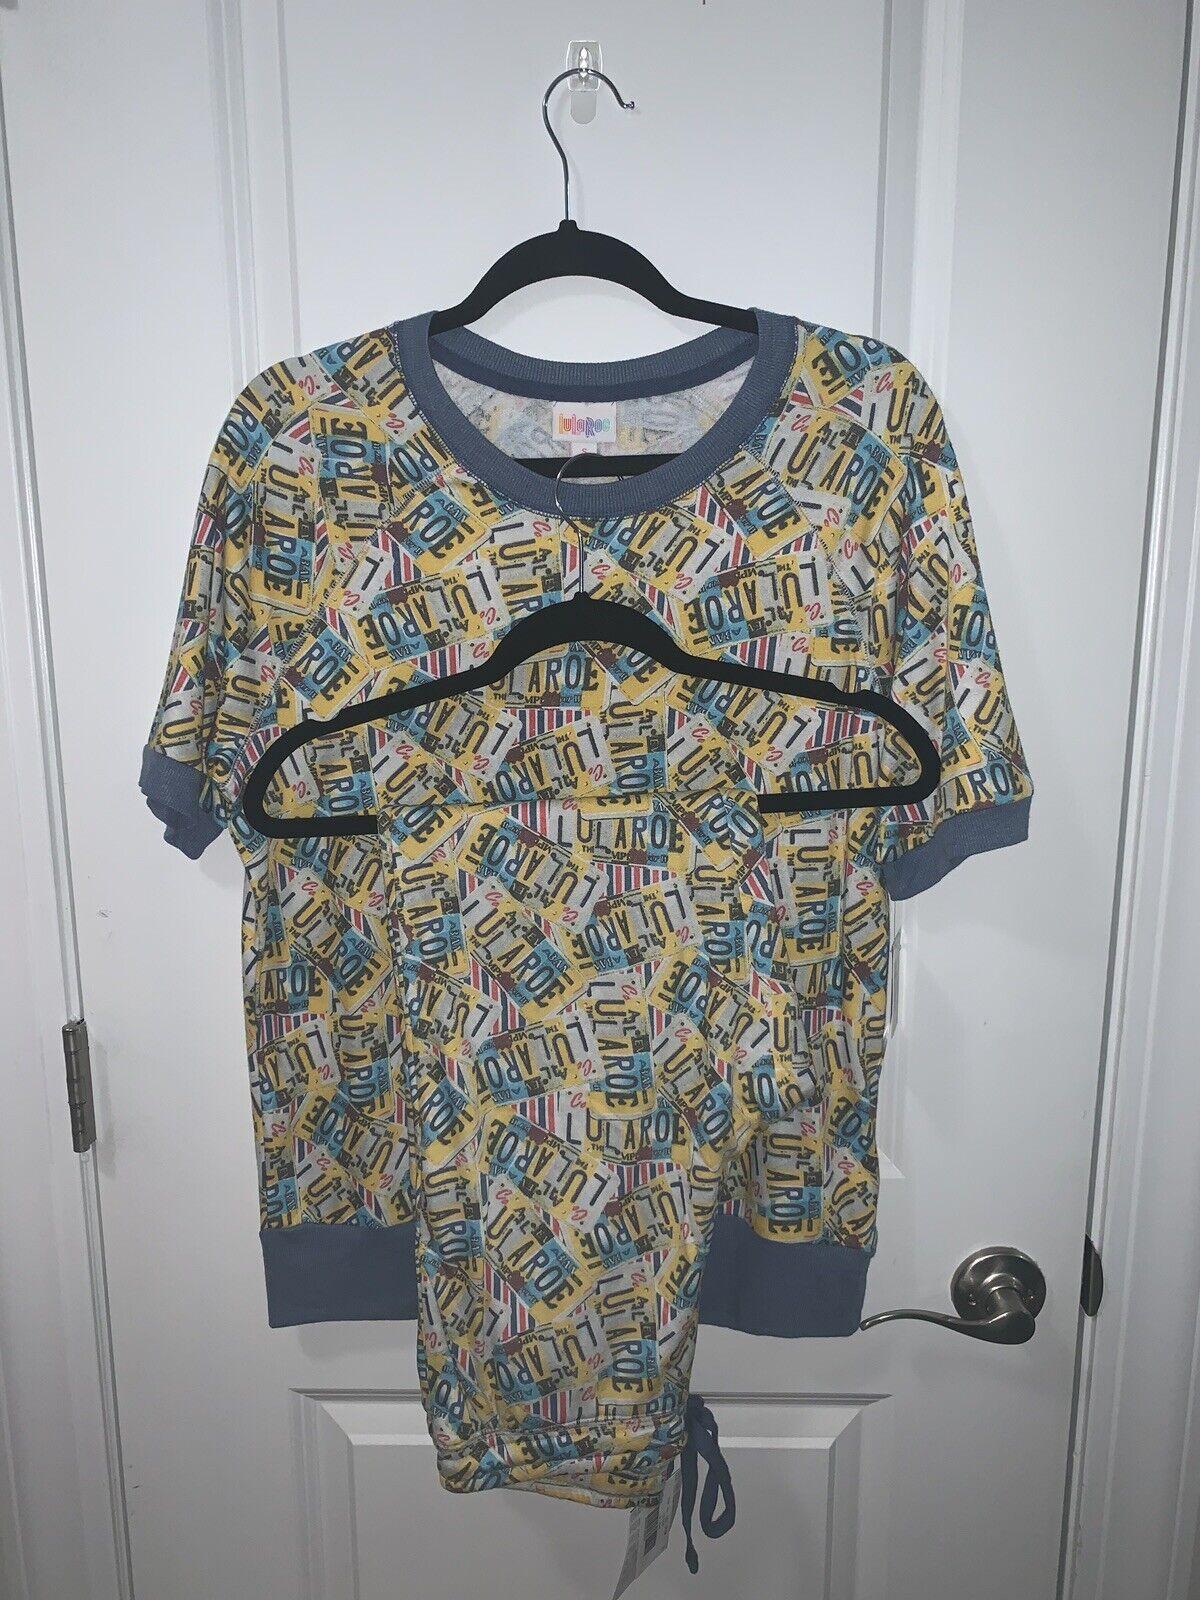 Lularoe S pequeño Jane S Jax  Set lularoe Logotipo Azul Amarillo Americana  barato y de alta calidad